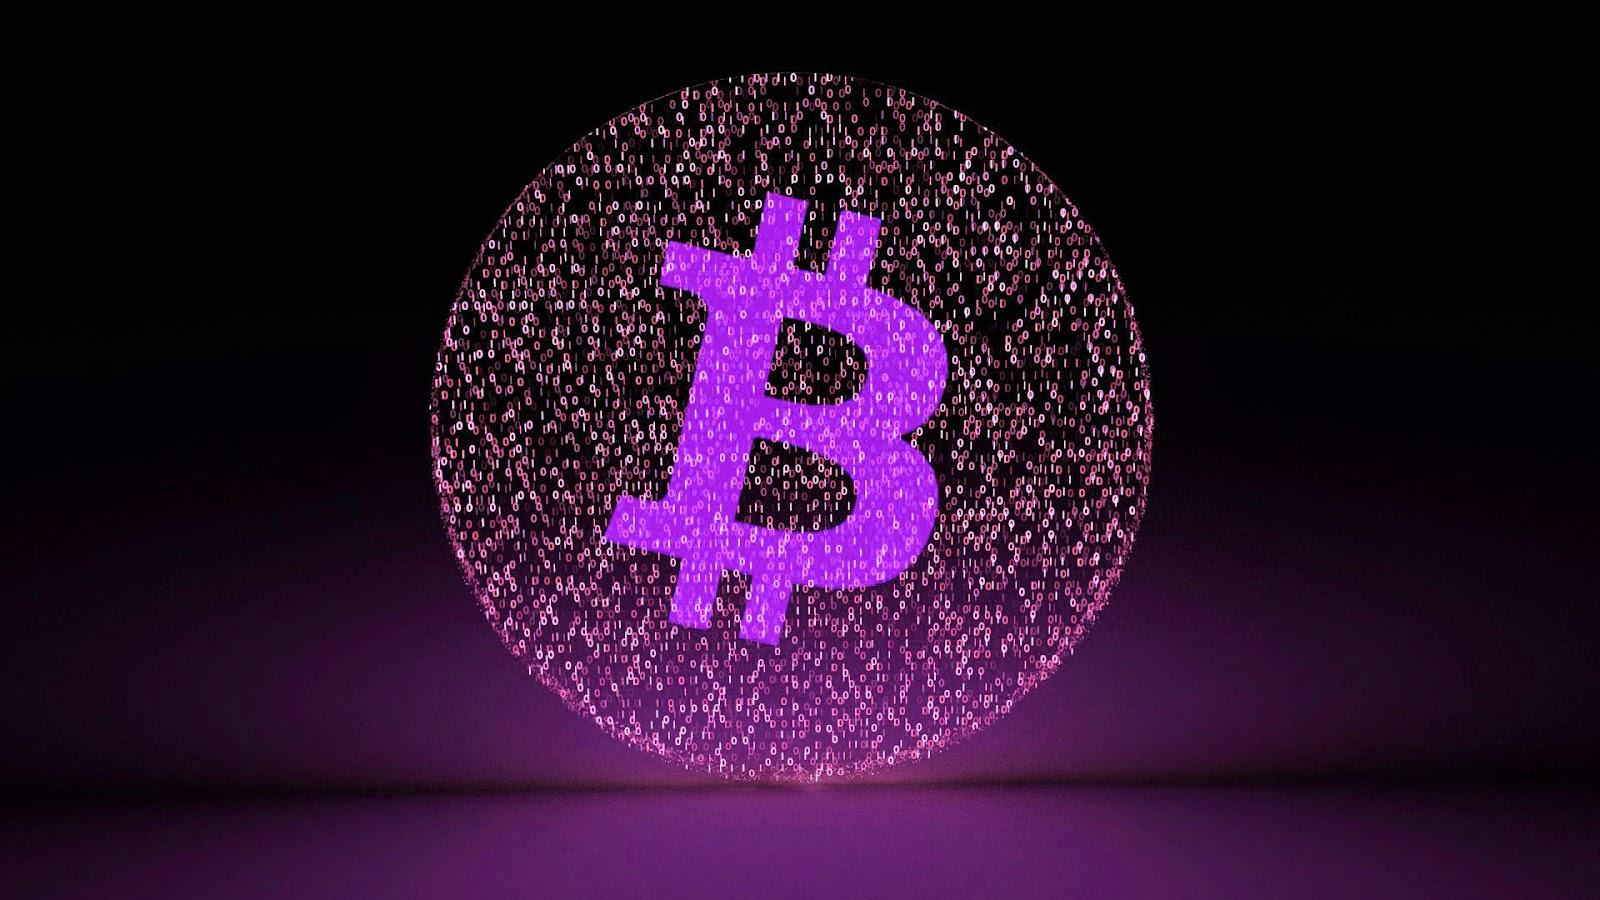 Analist Bitcoin Fiyatının Bu Seviyeyi Görmesi Halinde %30'luk Bir Sıçrama Olacağını Düşünüyor!